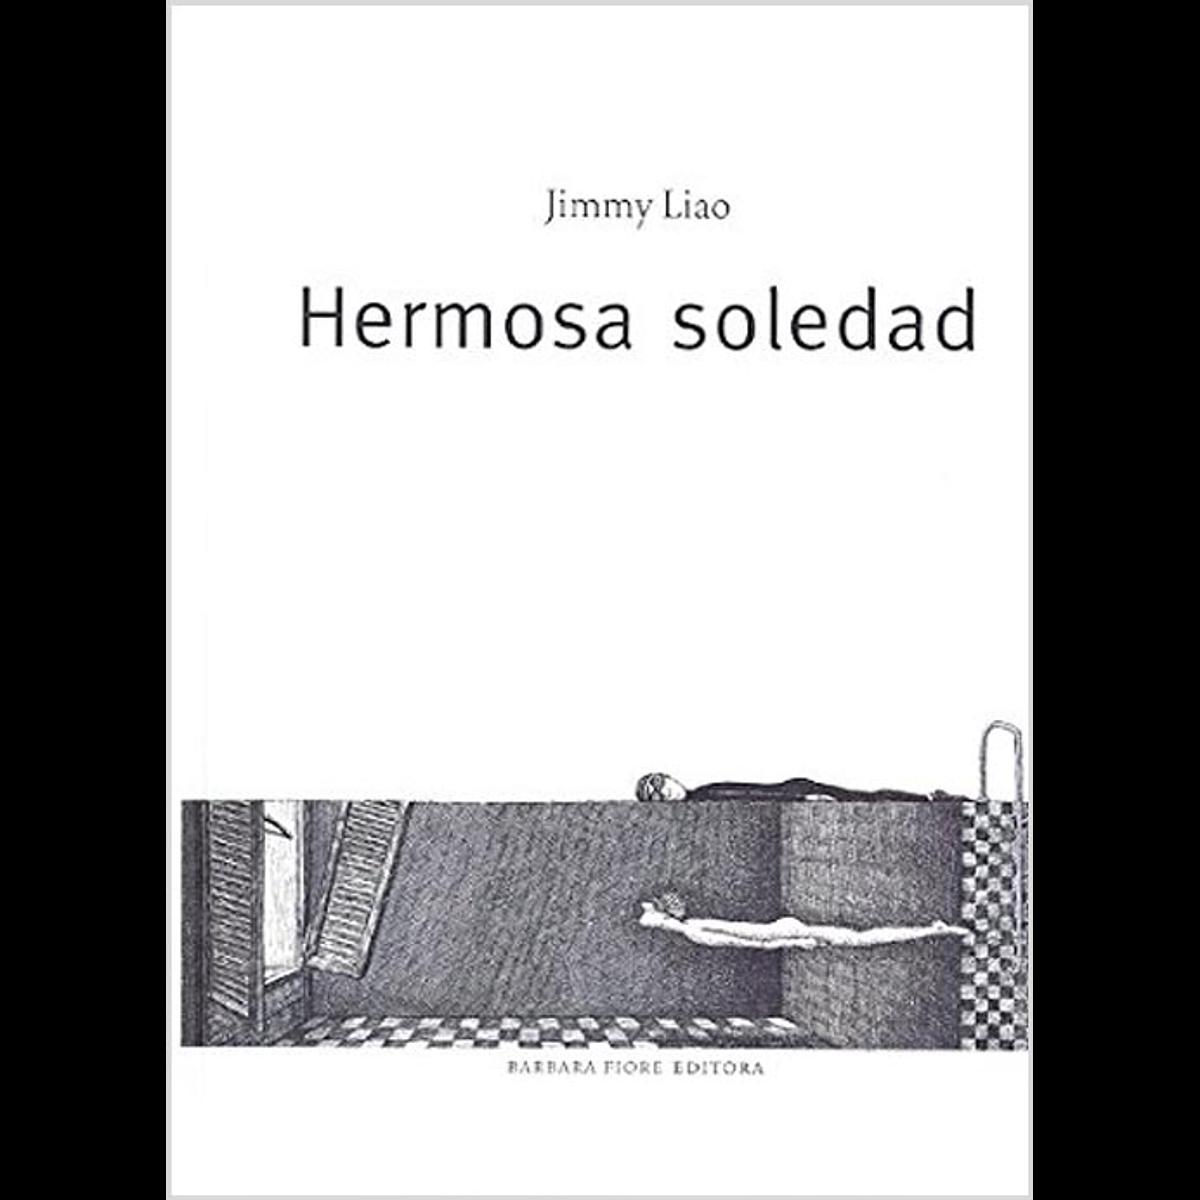 HERMOSA SOLEDAD